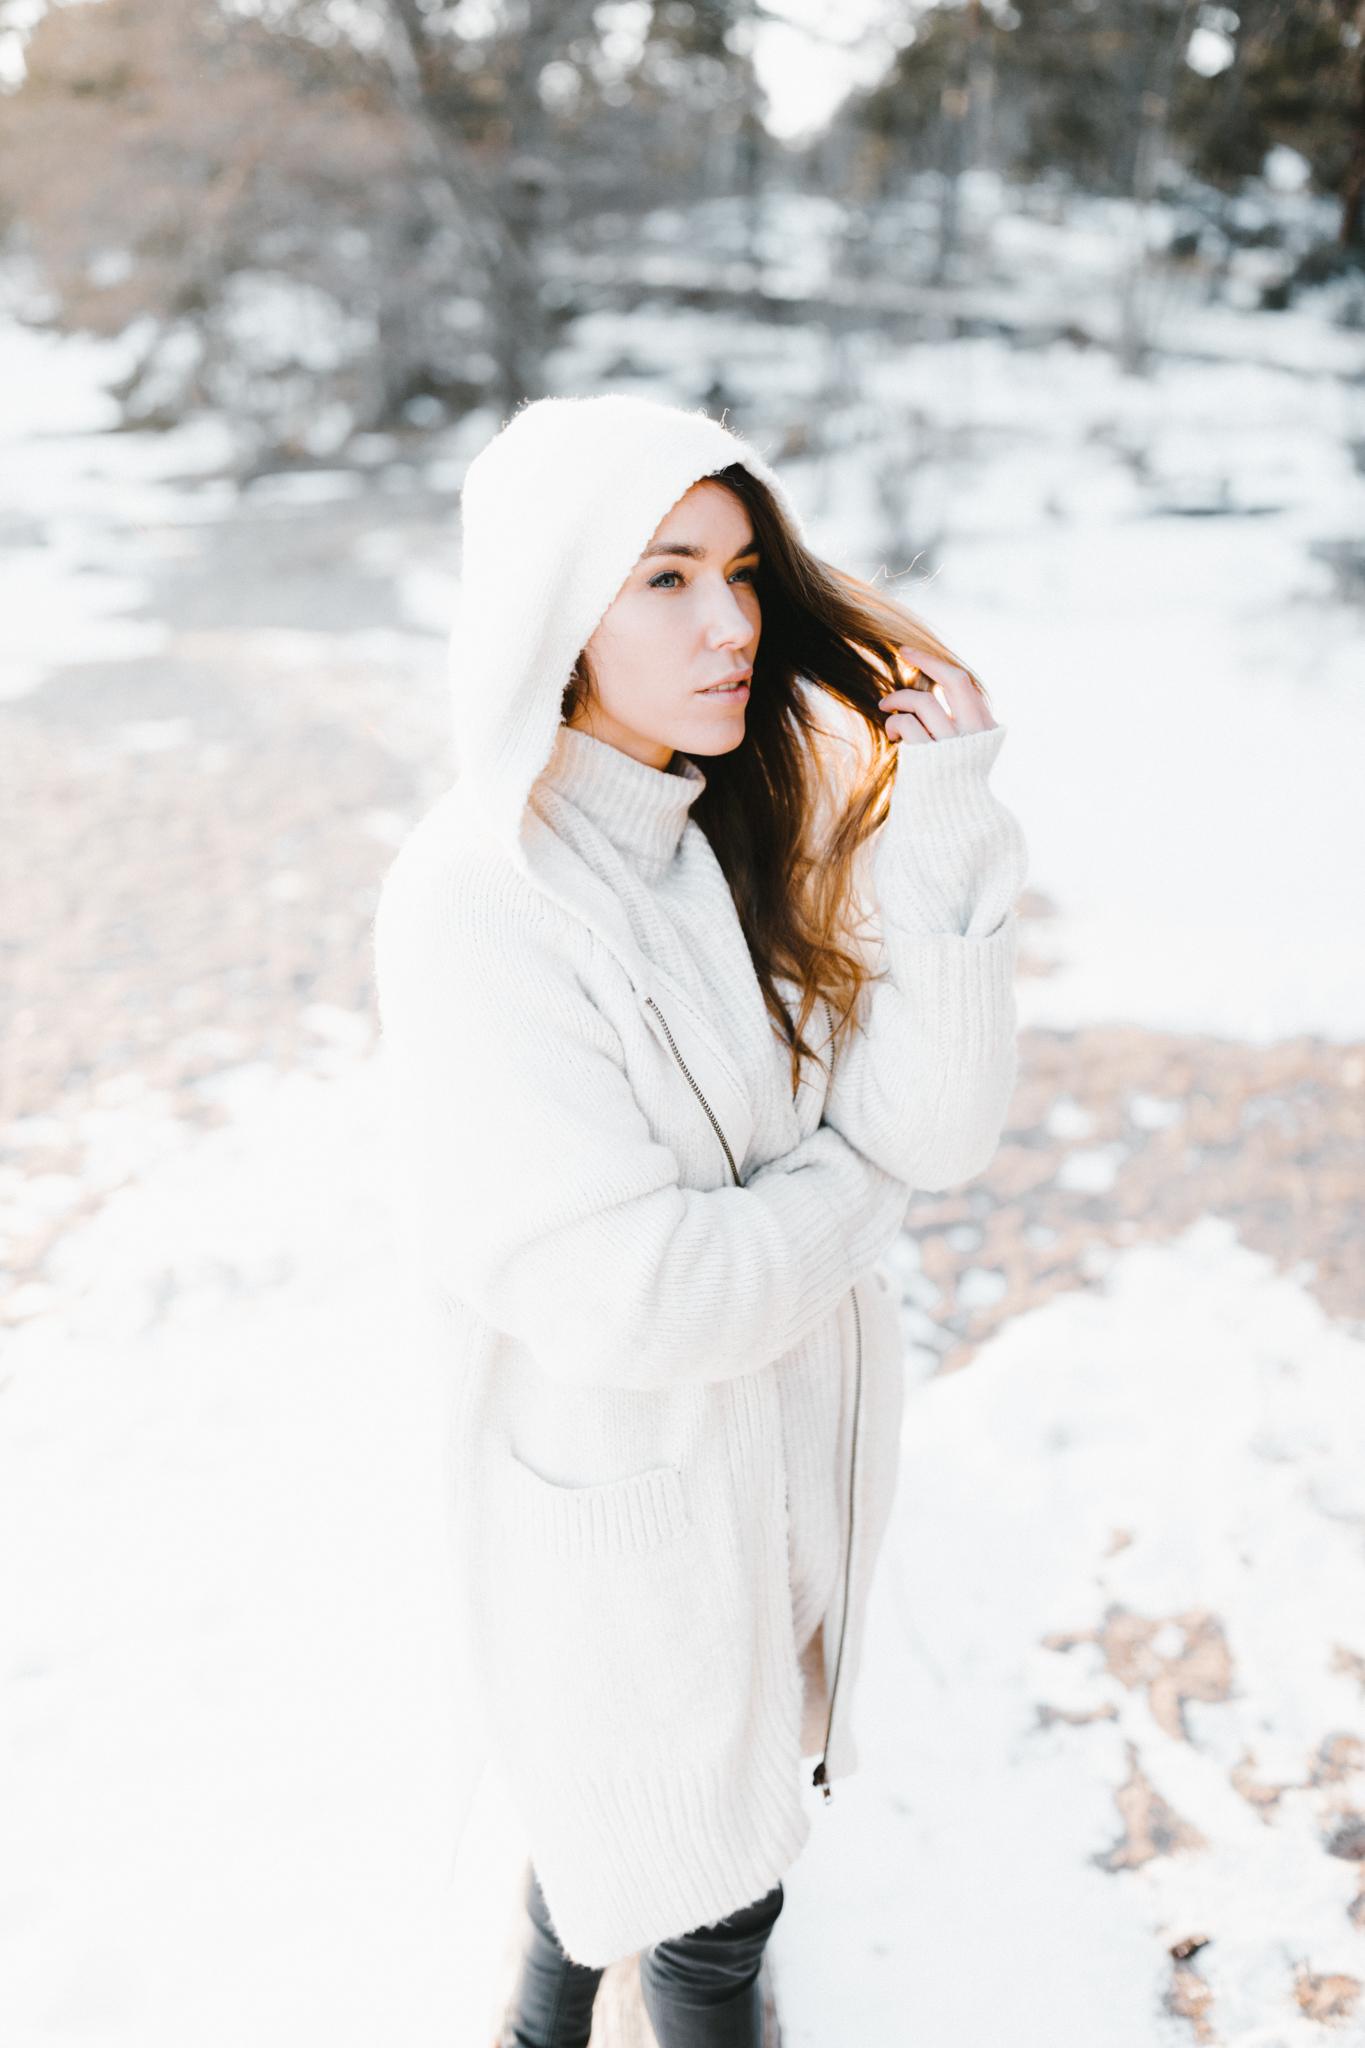 Julia Toivola -- Photos by Patrick Karkkolainen Photographer-100.jpg